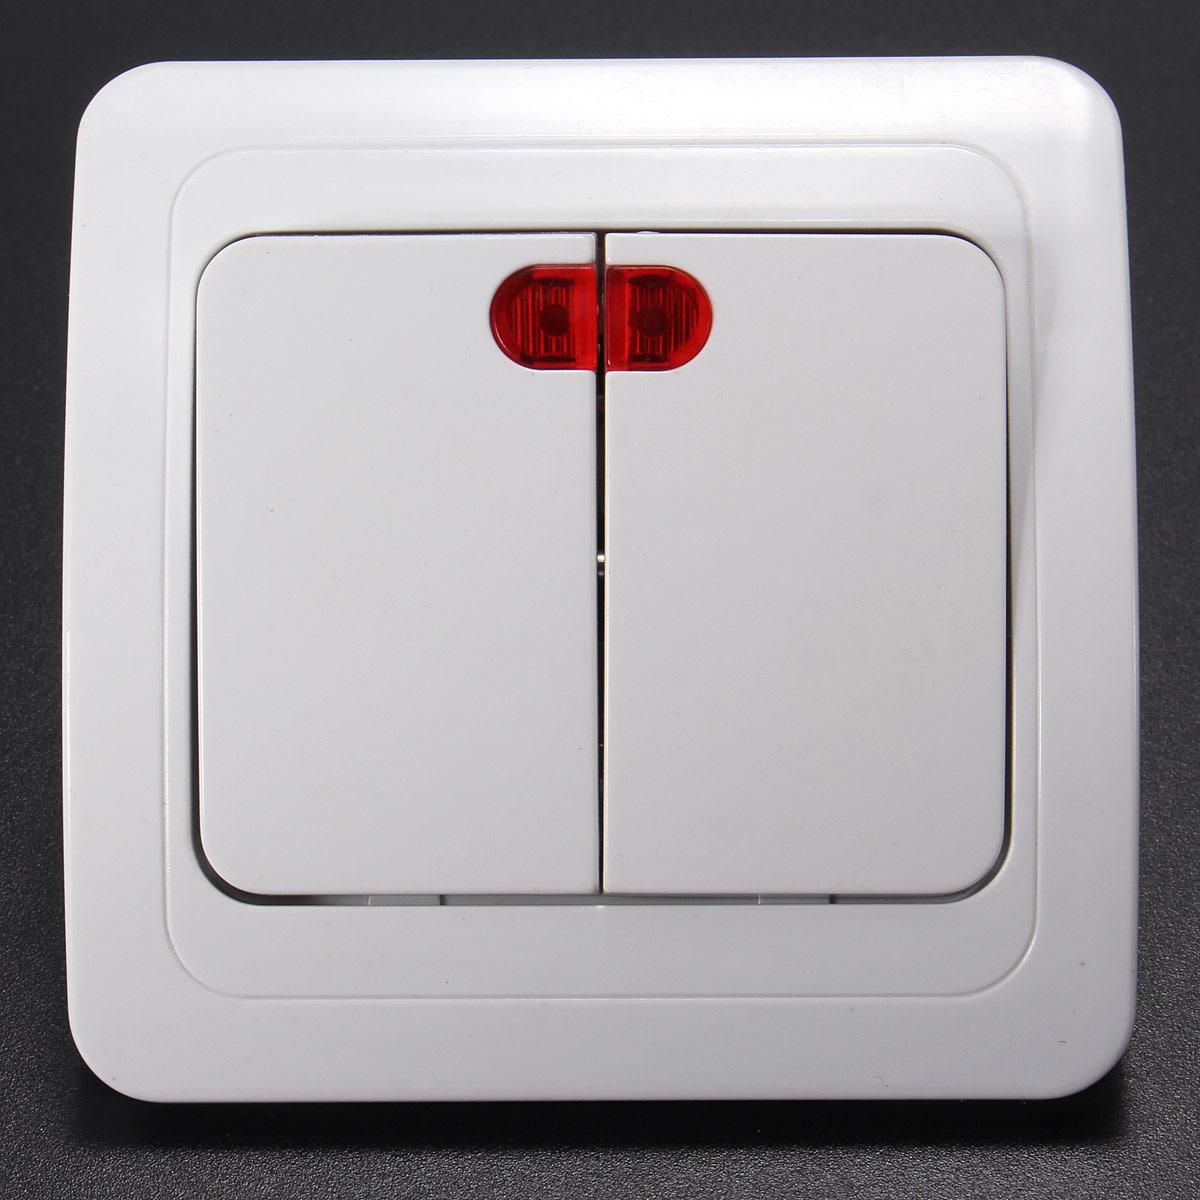 blanc led mural plaque interrupteur mur lampe switch panel contr leur pr maison ebay. Black Bedroom Furniture Sets. Home Design Ideas